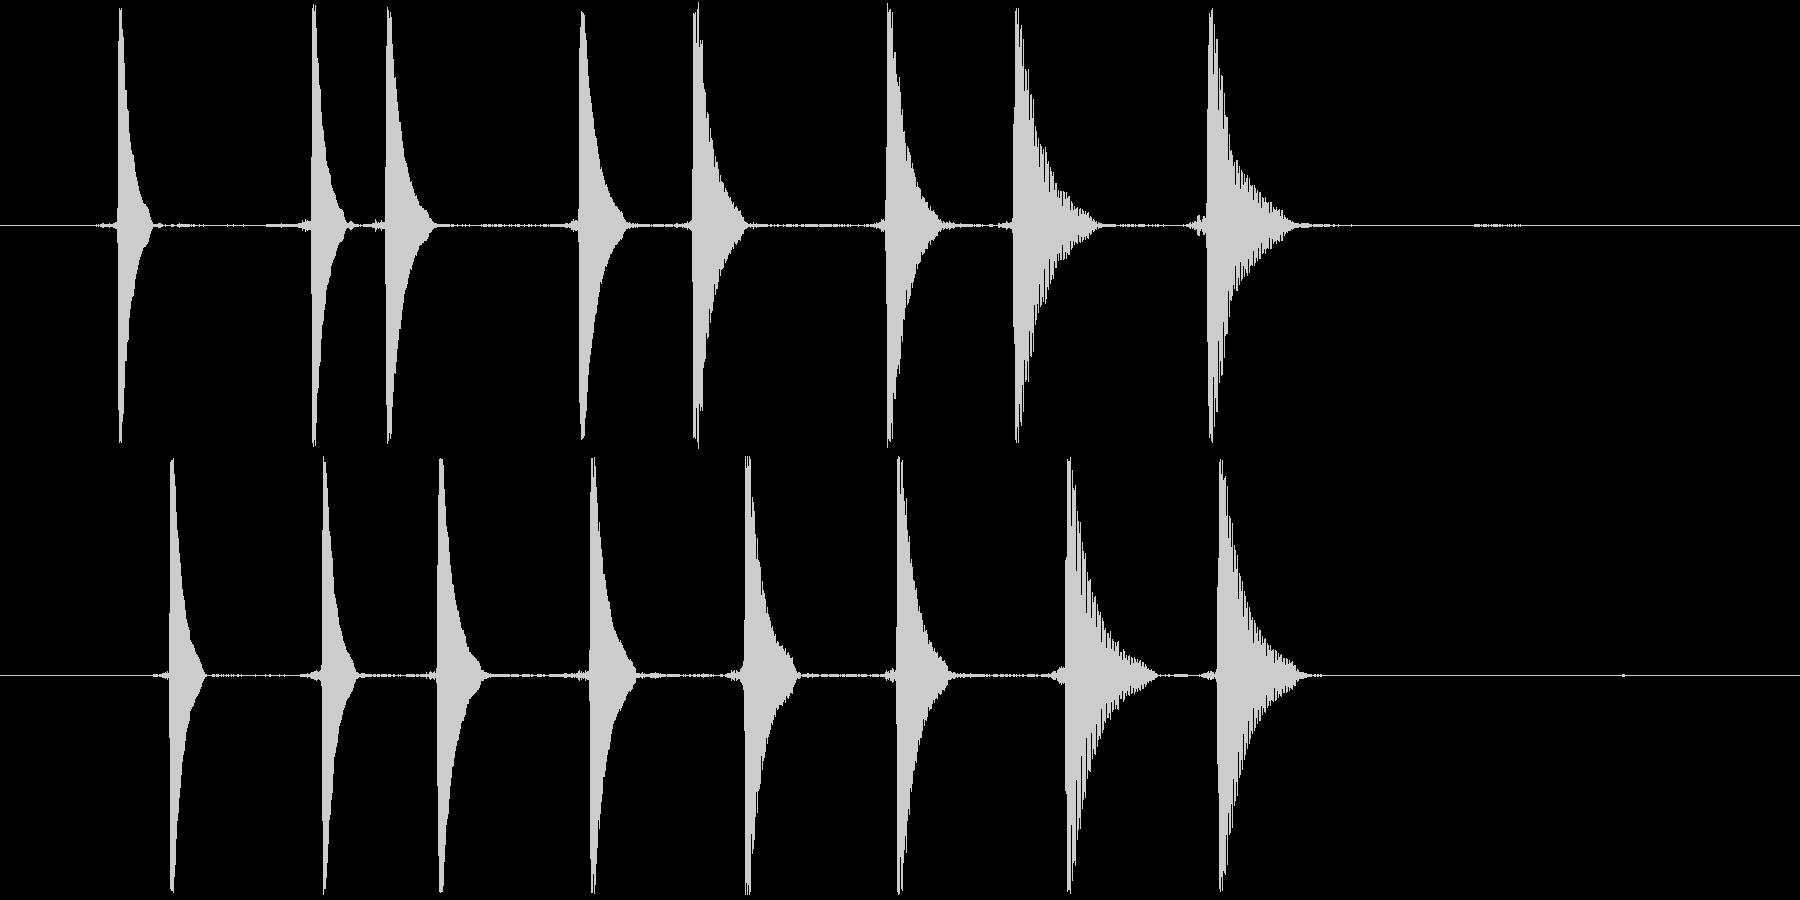 リセット音3(キョキョキョキョ)の未再生の波形